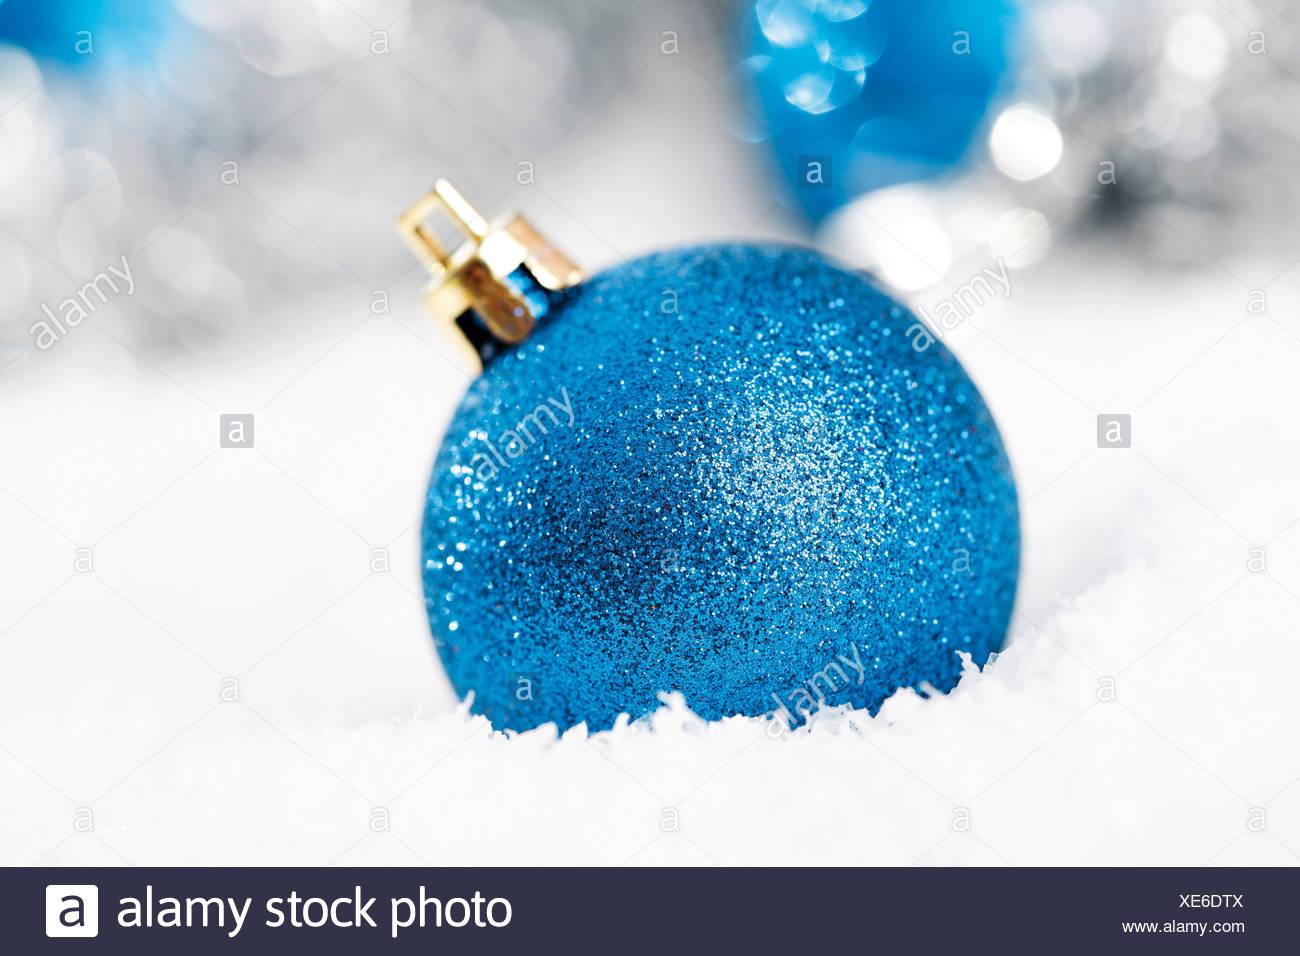 Albero Di Natale Con Decorazioni Blu : Blu glitter albero di natale sfere sulla neve con decorazioni di